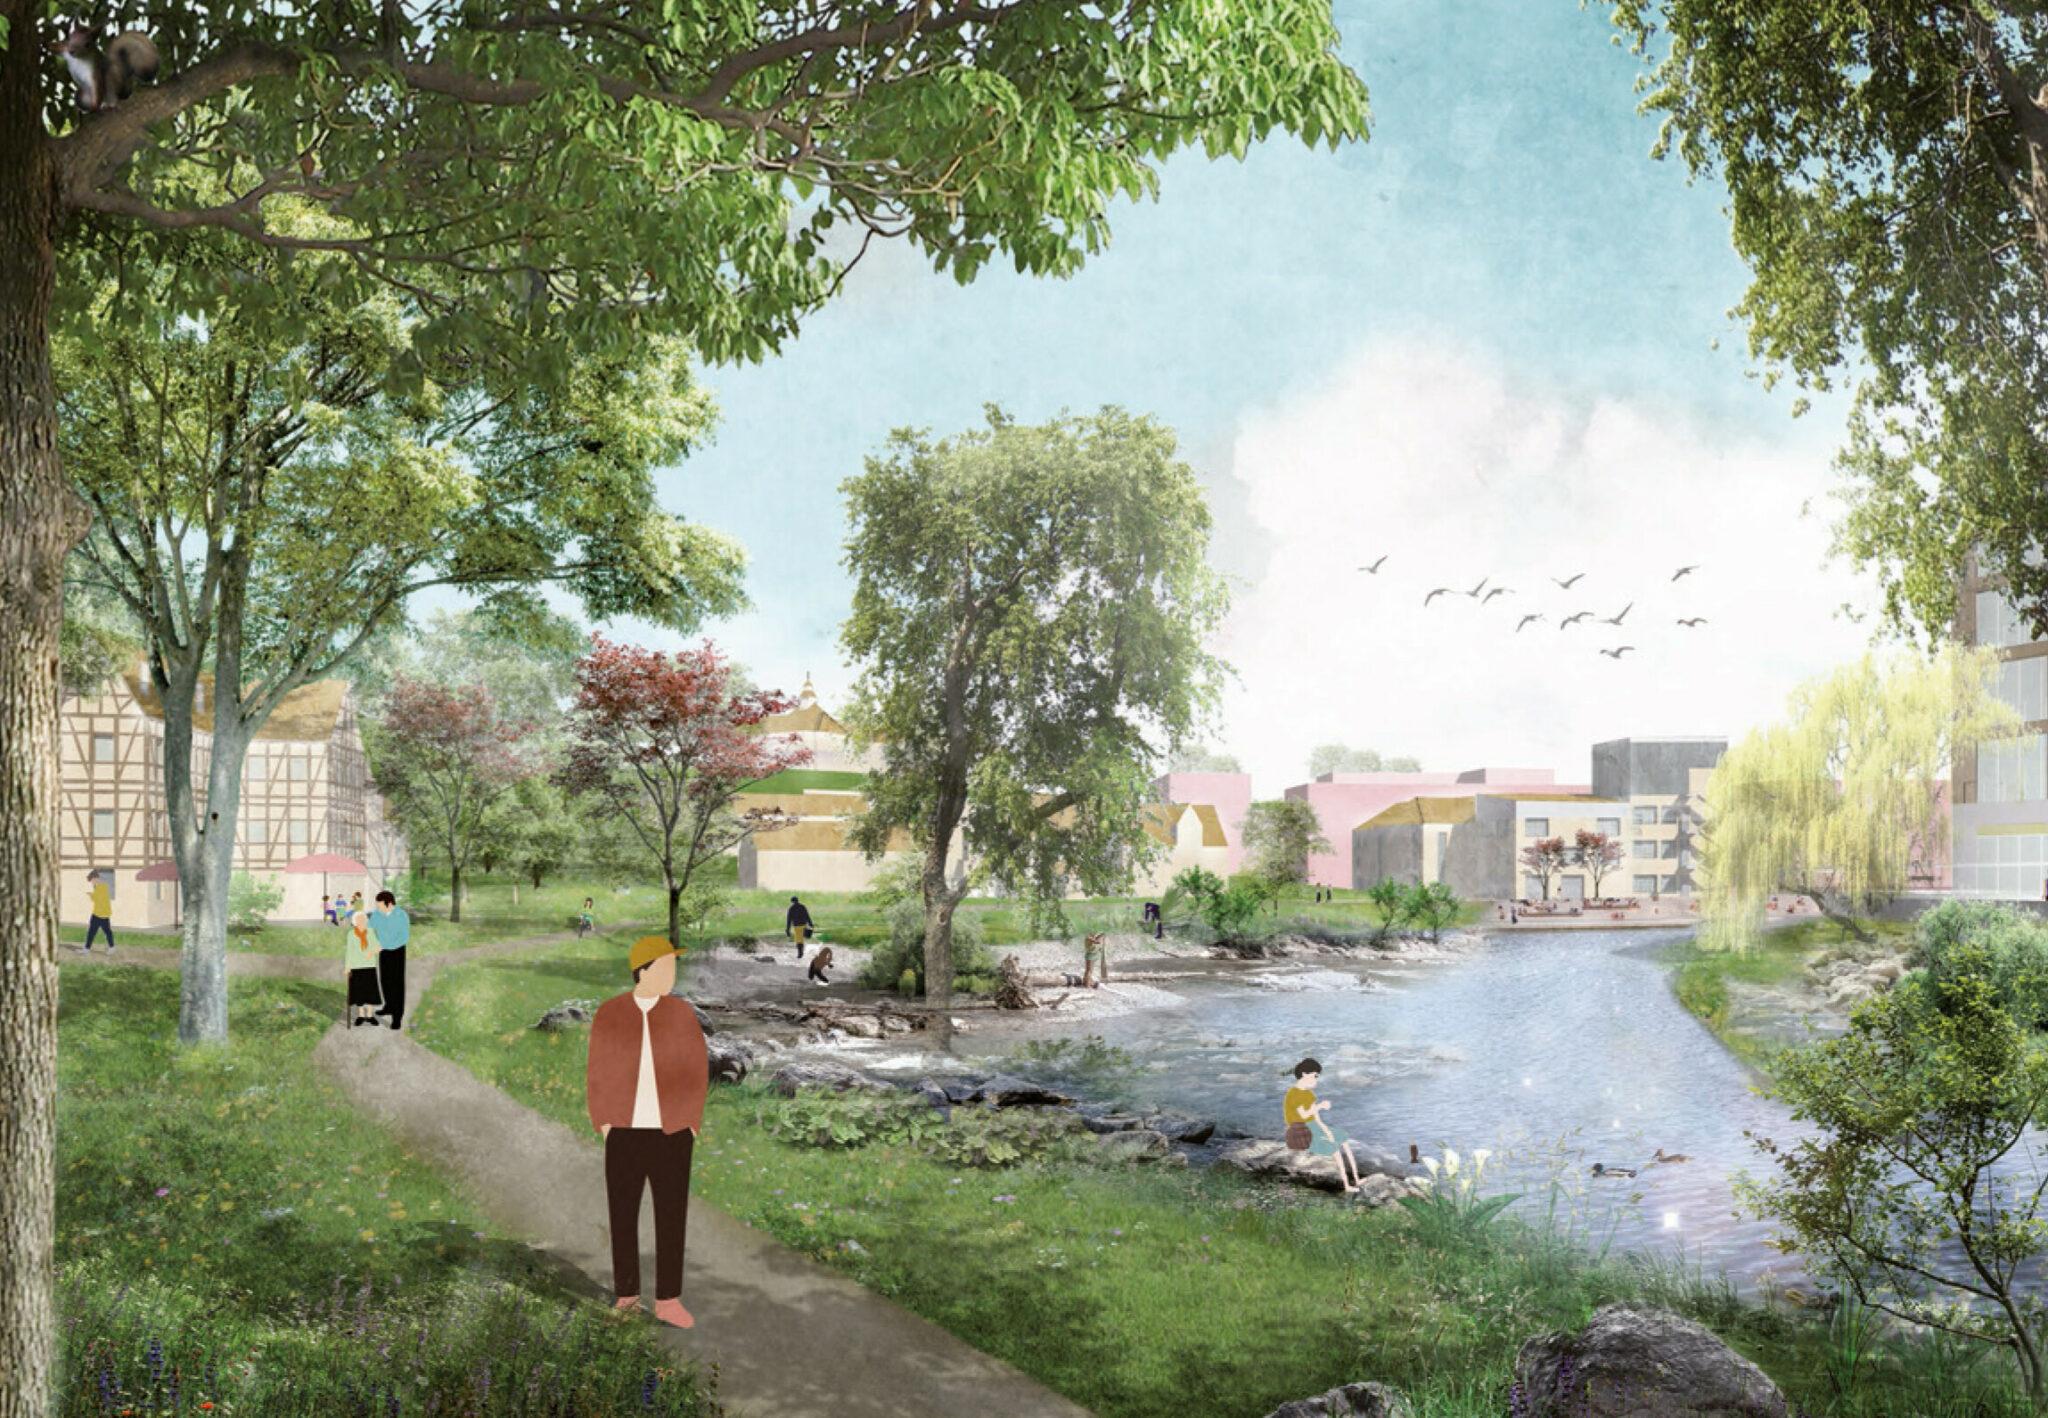 Wettbewerb »Quartier Backnang West«: Visualisierung der ParkAue: Öffentlicher Park als Gelenk zwischen Hangkante und Murr (Bild: Teleinternetcafe/Treibhaus)